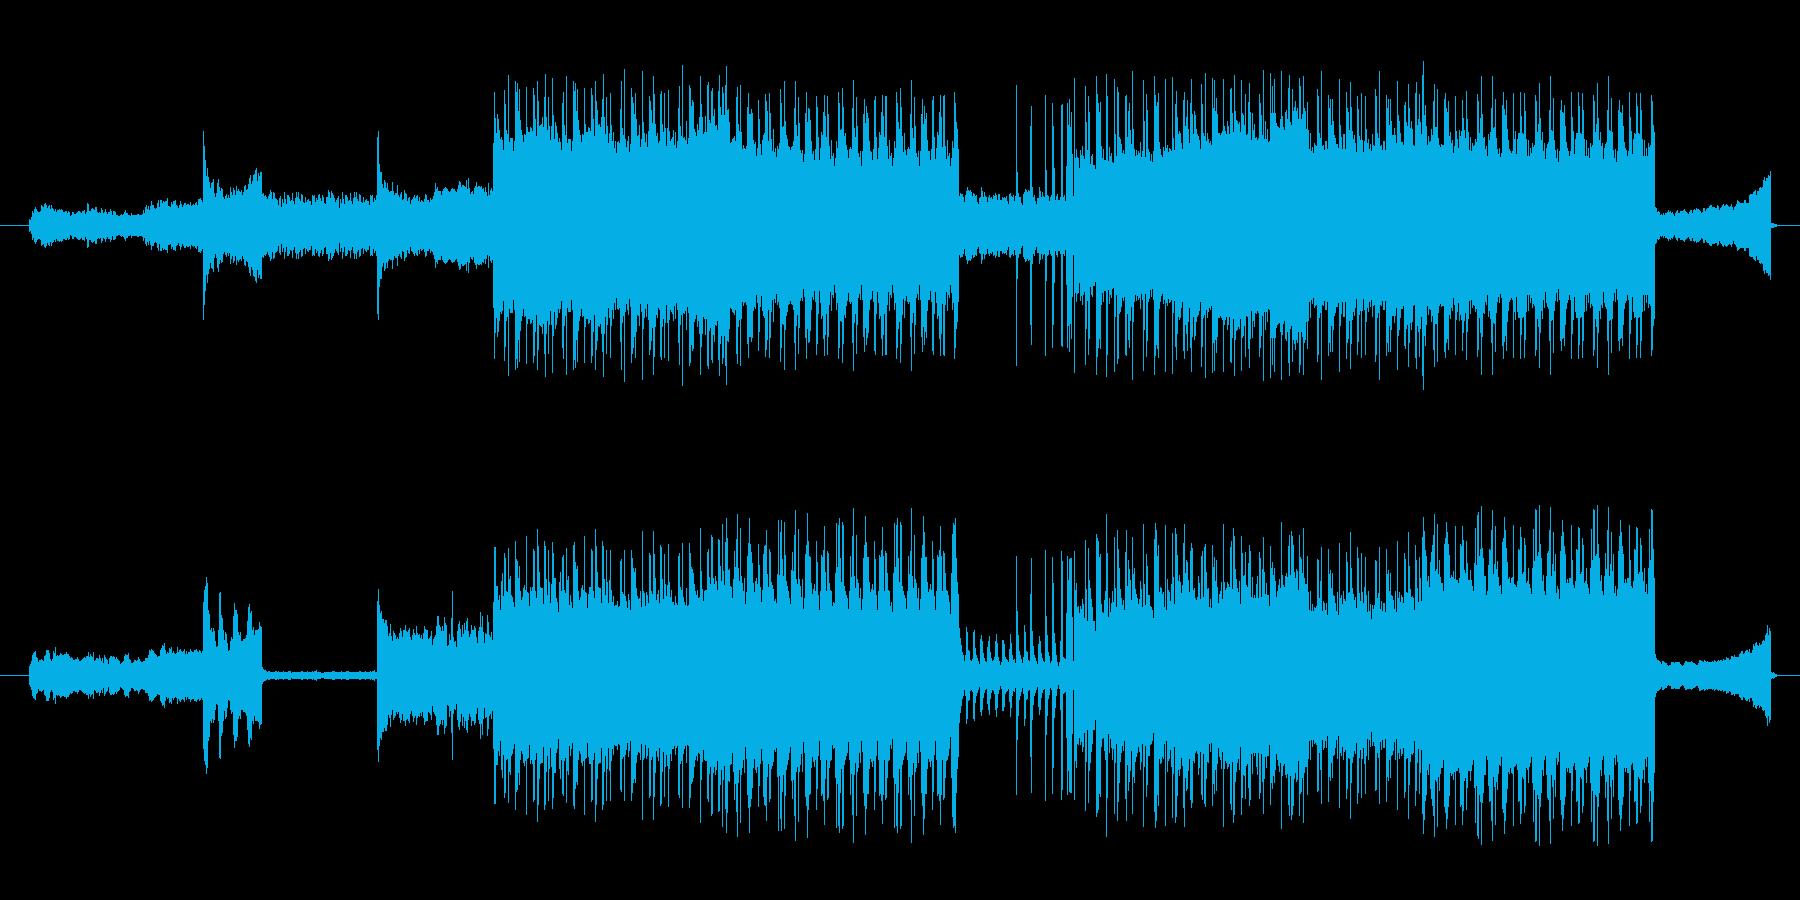 恐竜や怪獣が出てきそうな曲調の再生済みの波形